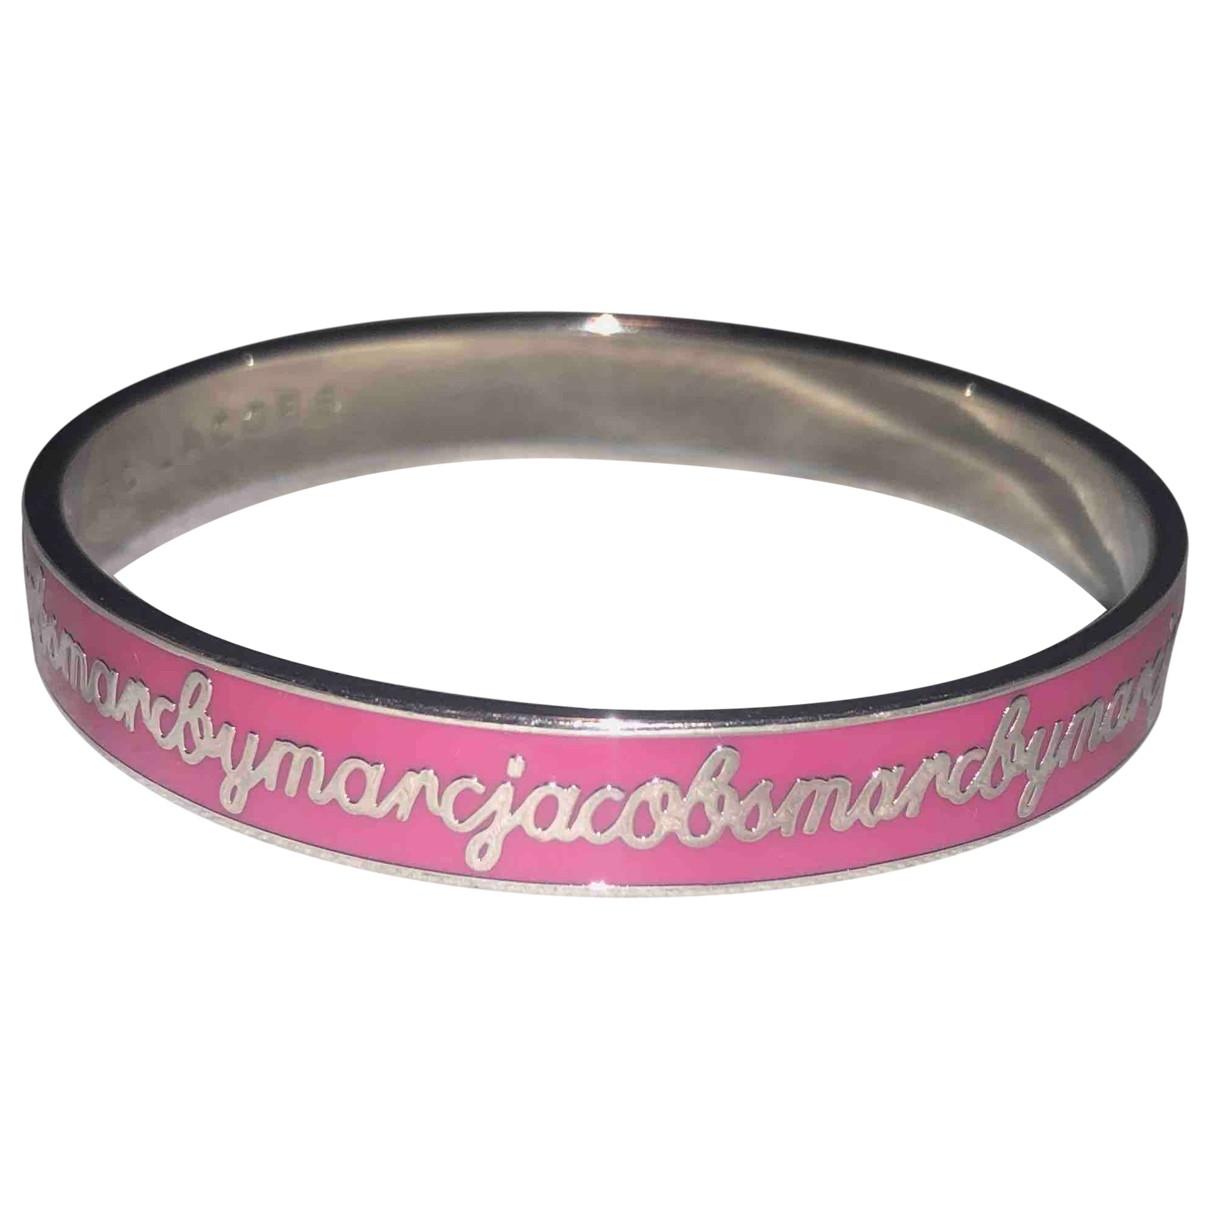 Marc By Marc Jacobs - Bracelet   pour femme en metal - rose